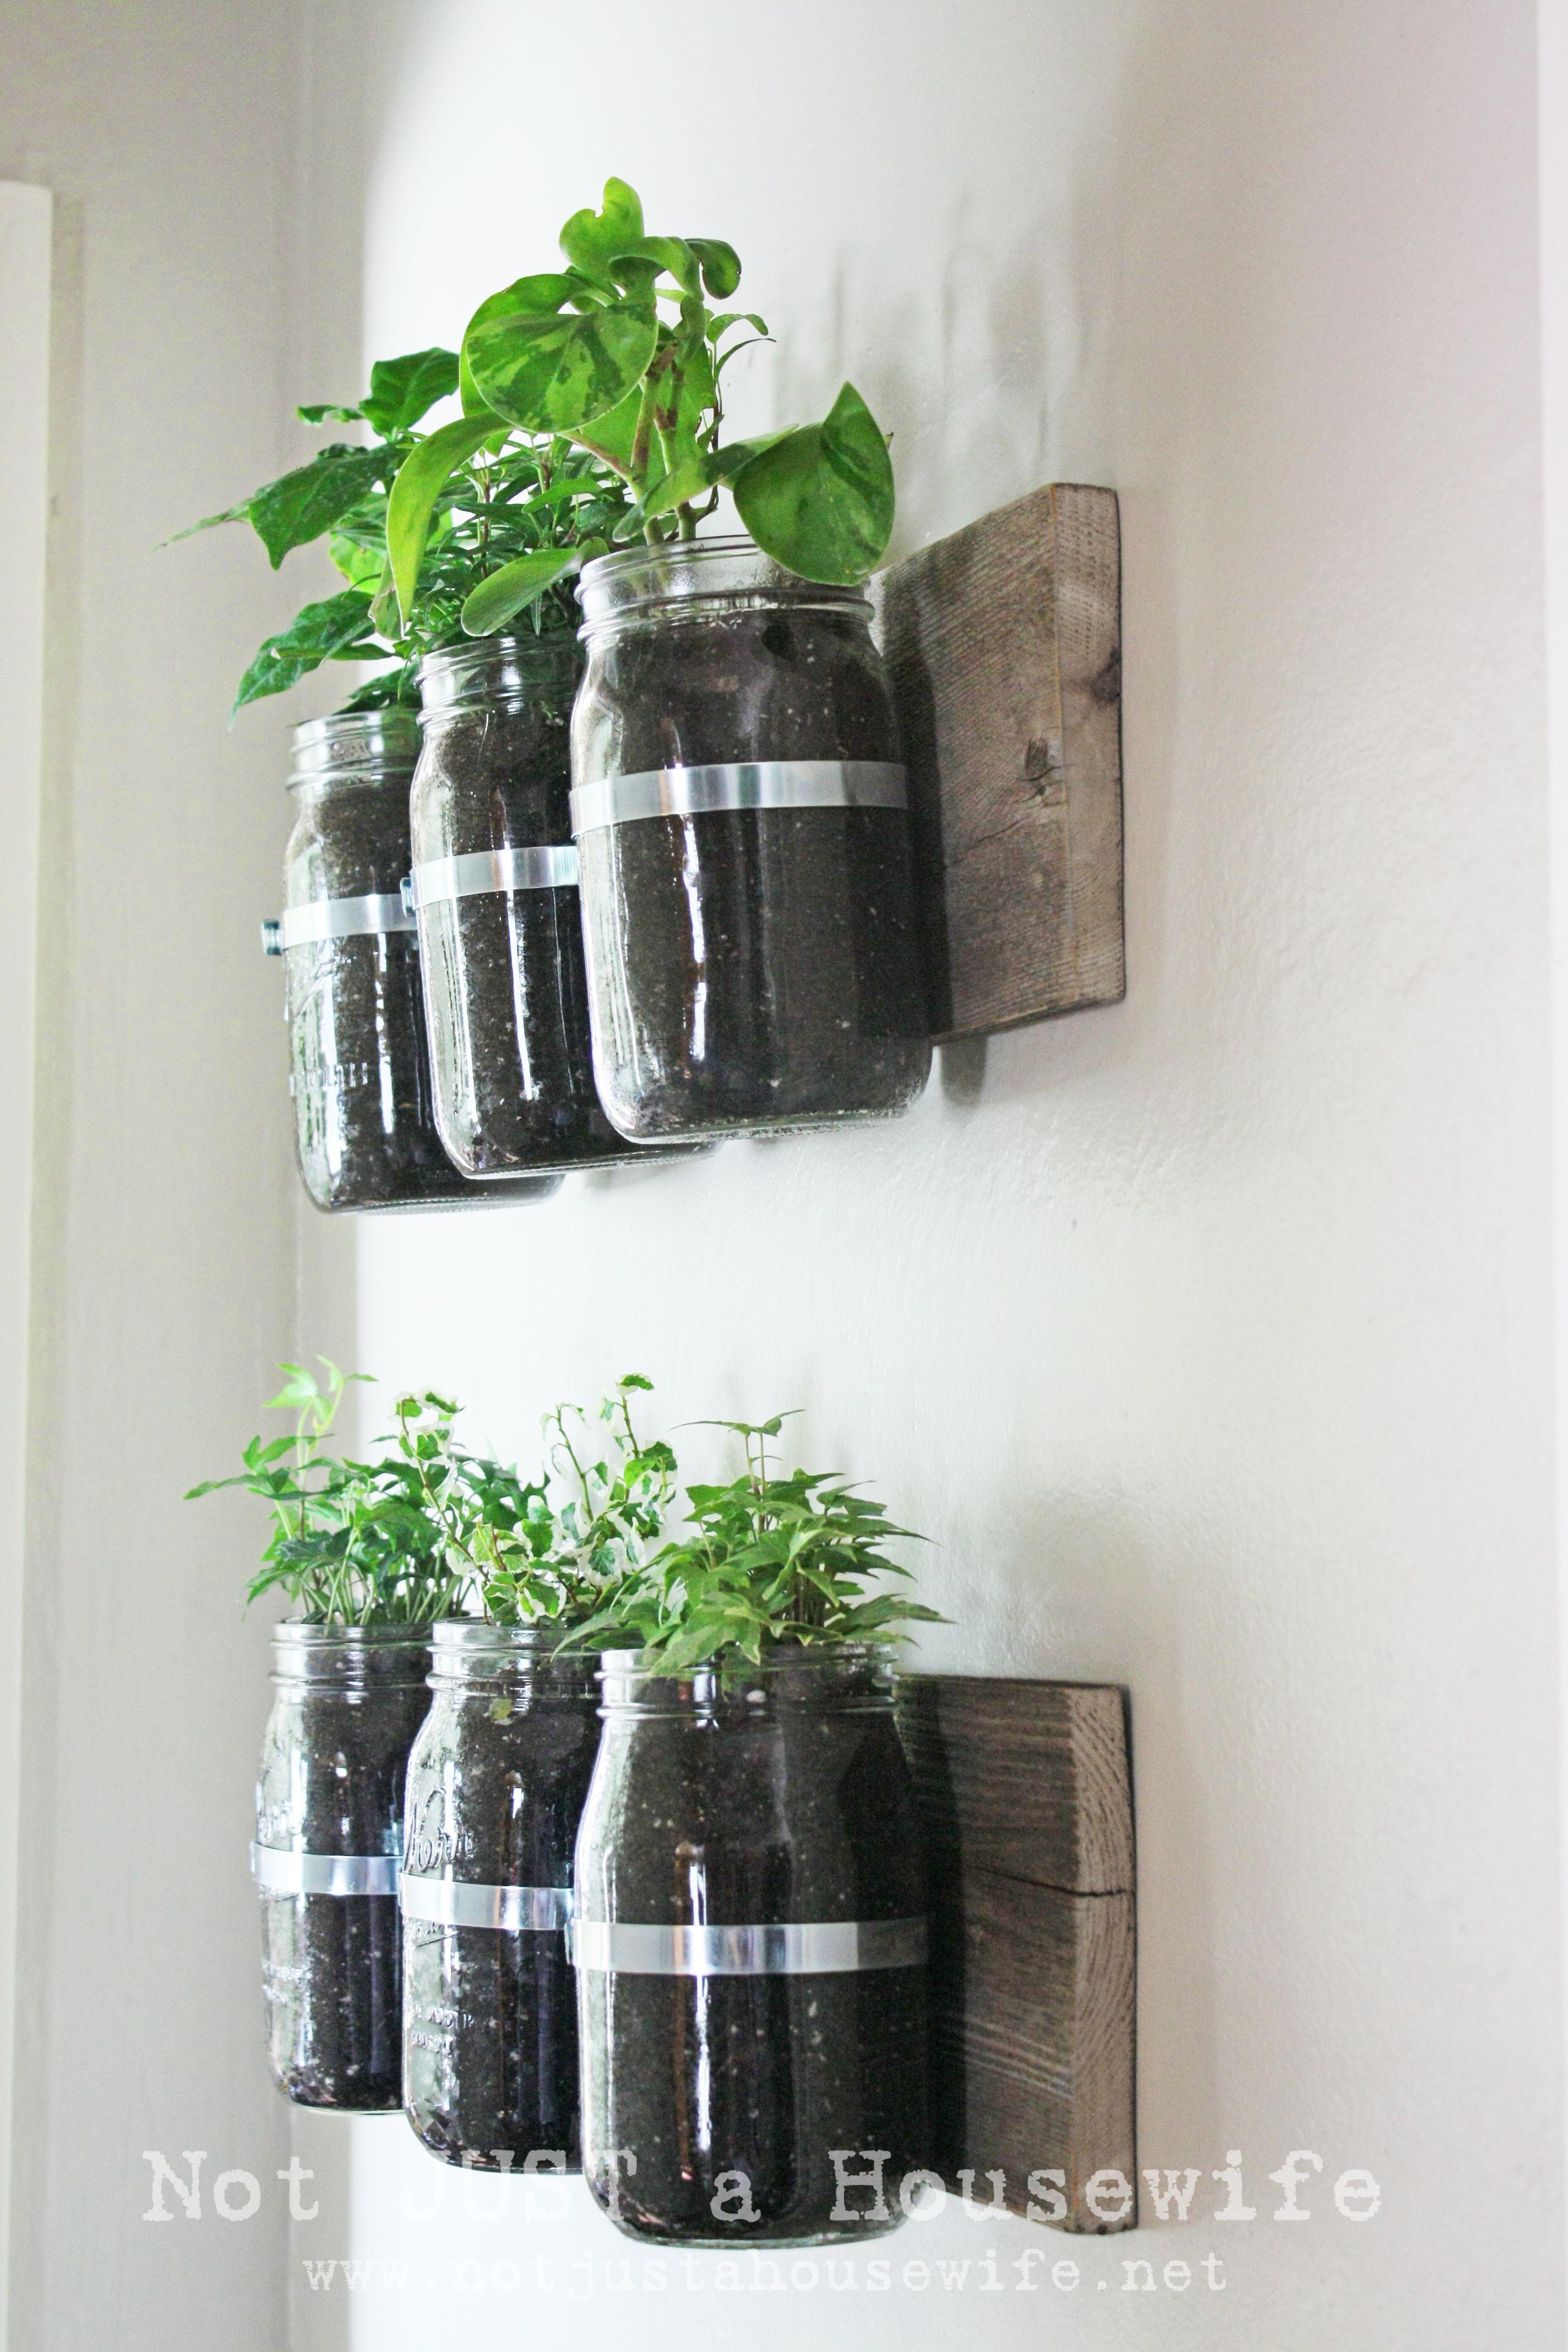 diy wall hanging herbs garden in mason jars have fun on indoor herb garden diy wall mason jars id=30482